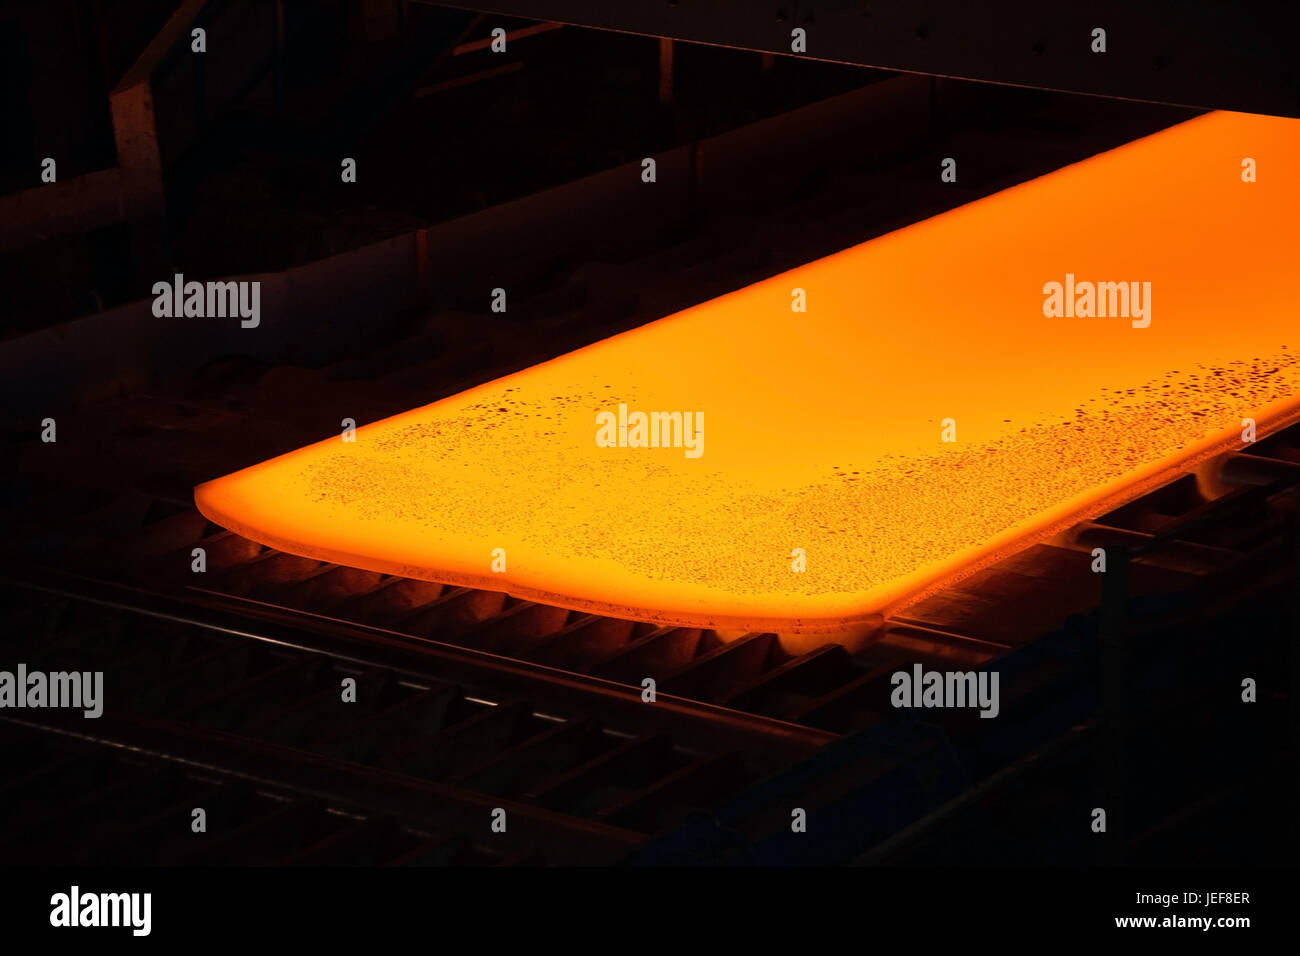 Walzstrasse con acciaio incandescente in un laminatoio, Walzstraße mit glühendem Stahl in einem Walzwerk. Immagini Stock